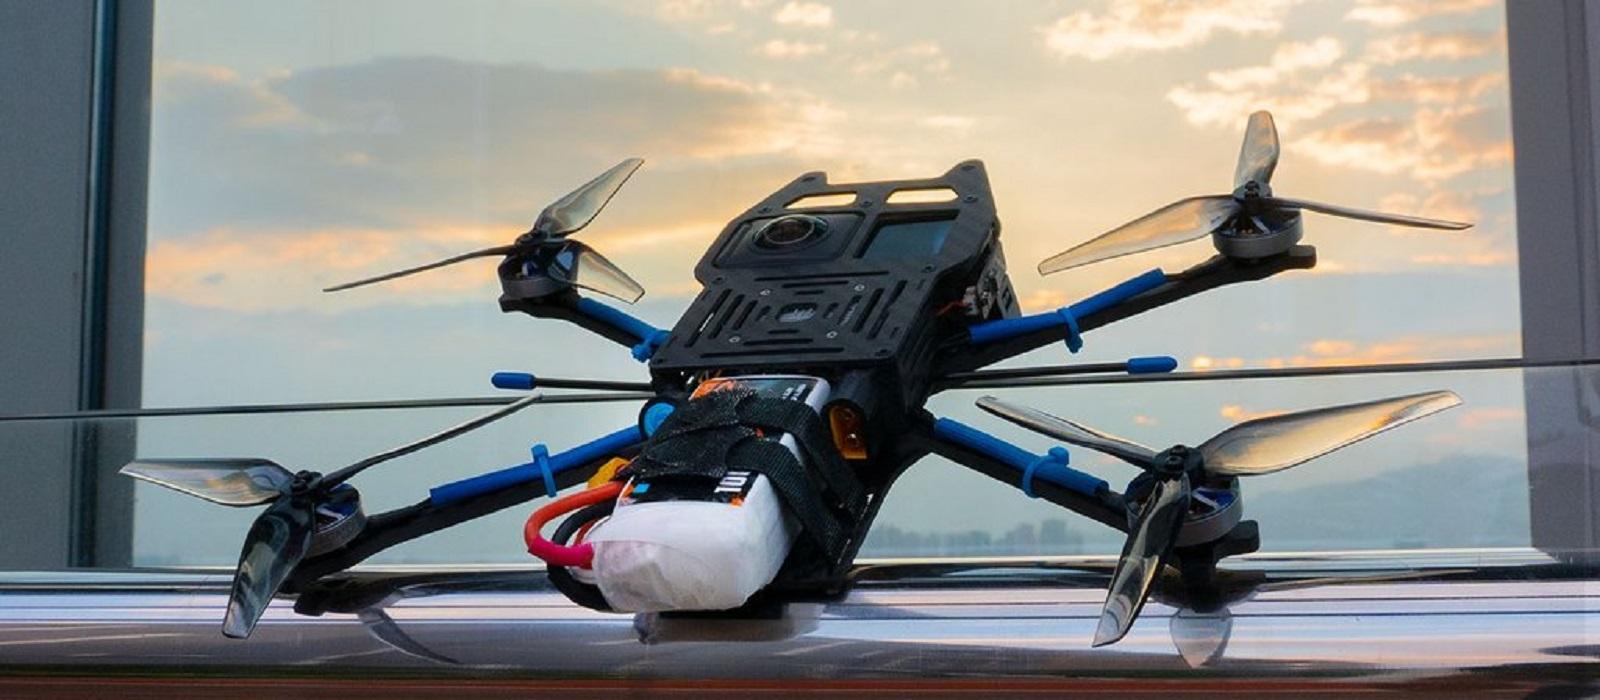 Первый видео-обзор дрона BETAFPV X-Knight 360 от NURKа